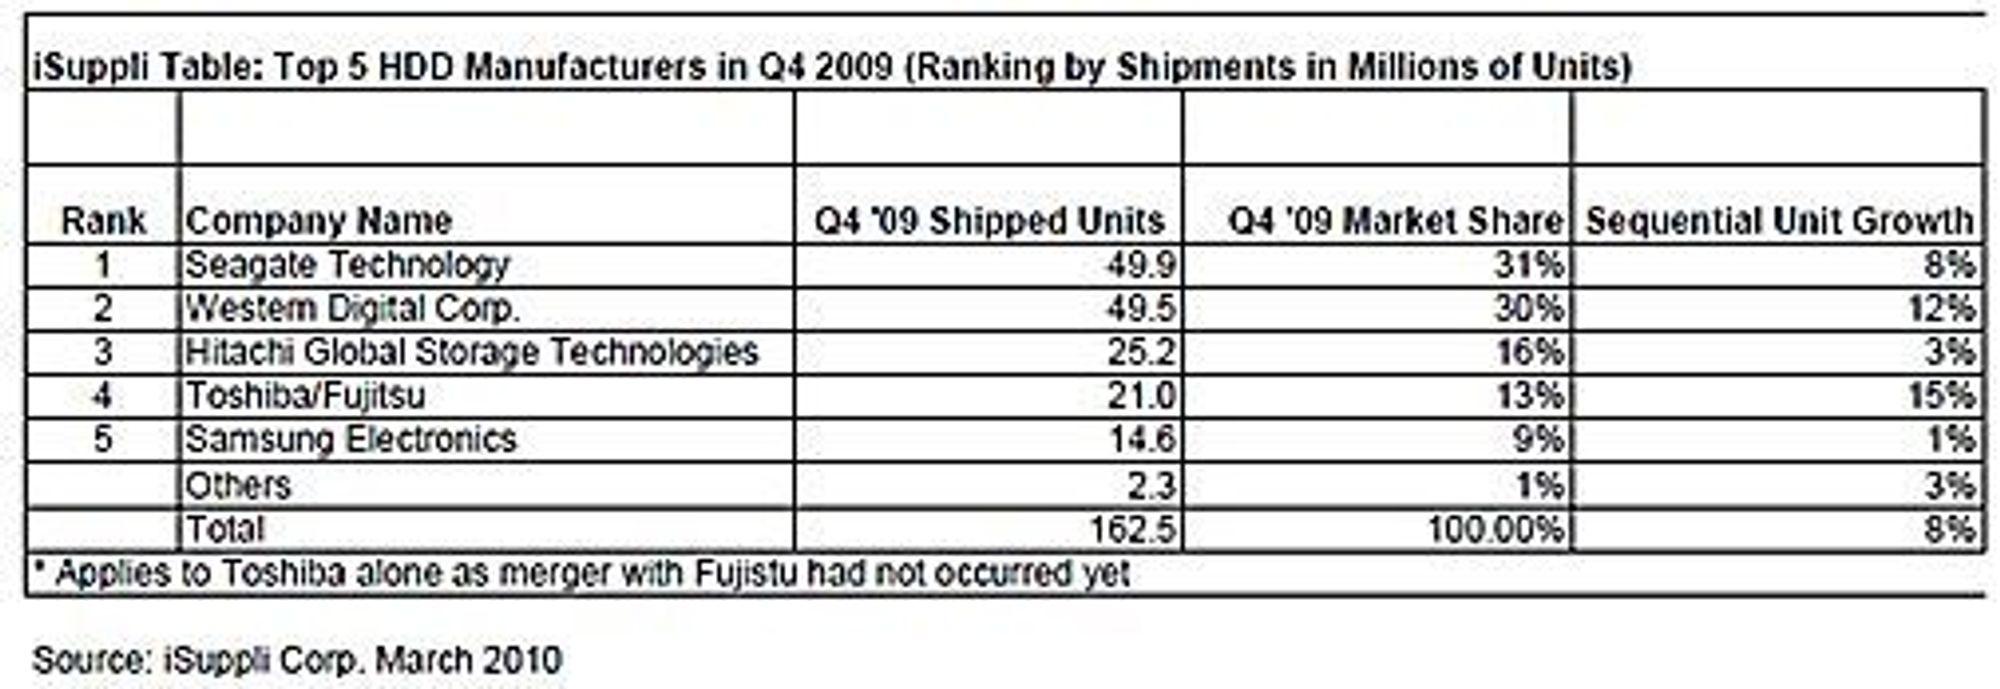 Leveransene og omsetningen til de fem største leverandørene i harddiskmarkedet i fjerde kvartal 2009